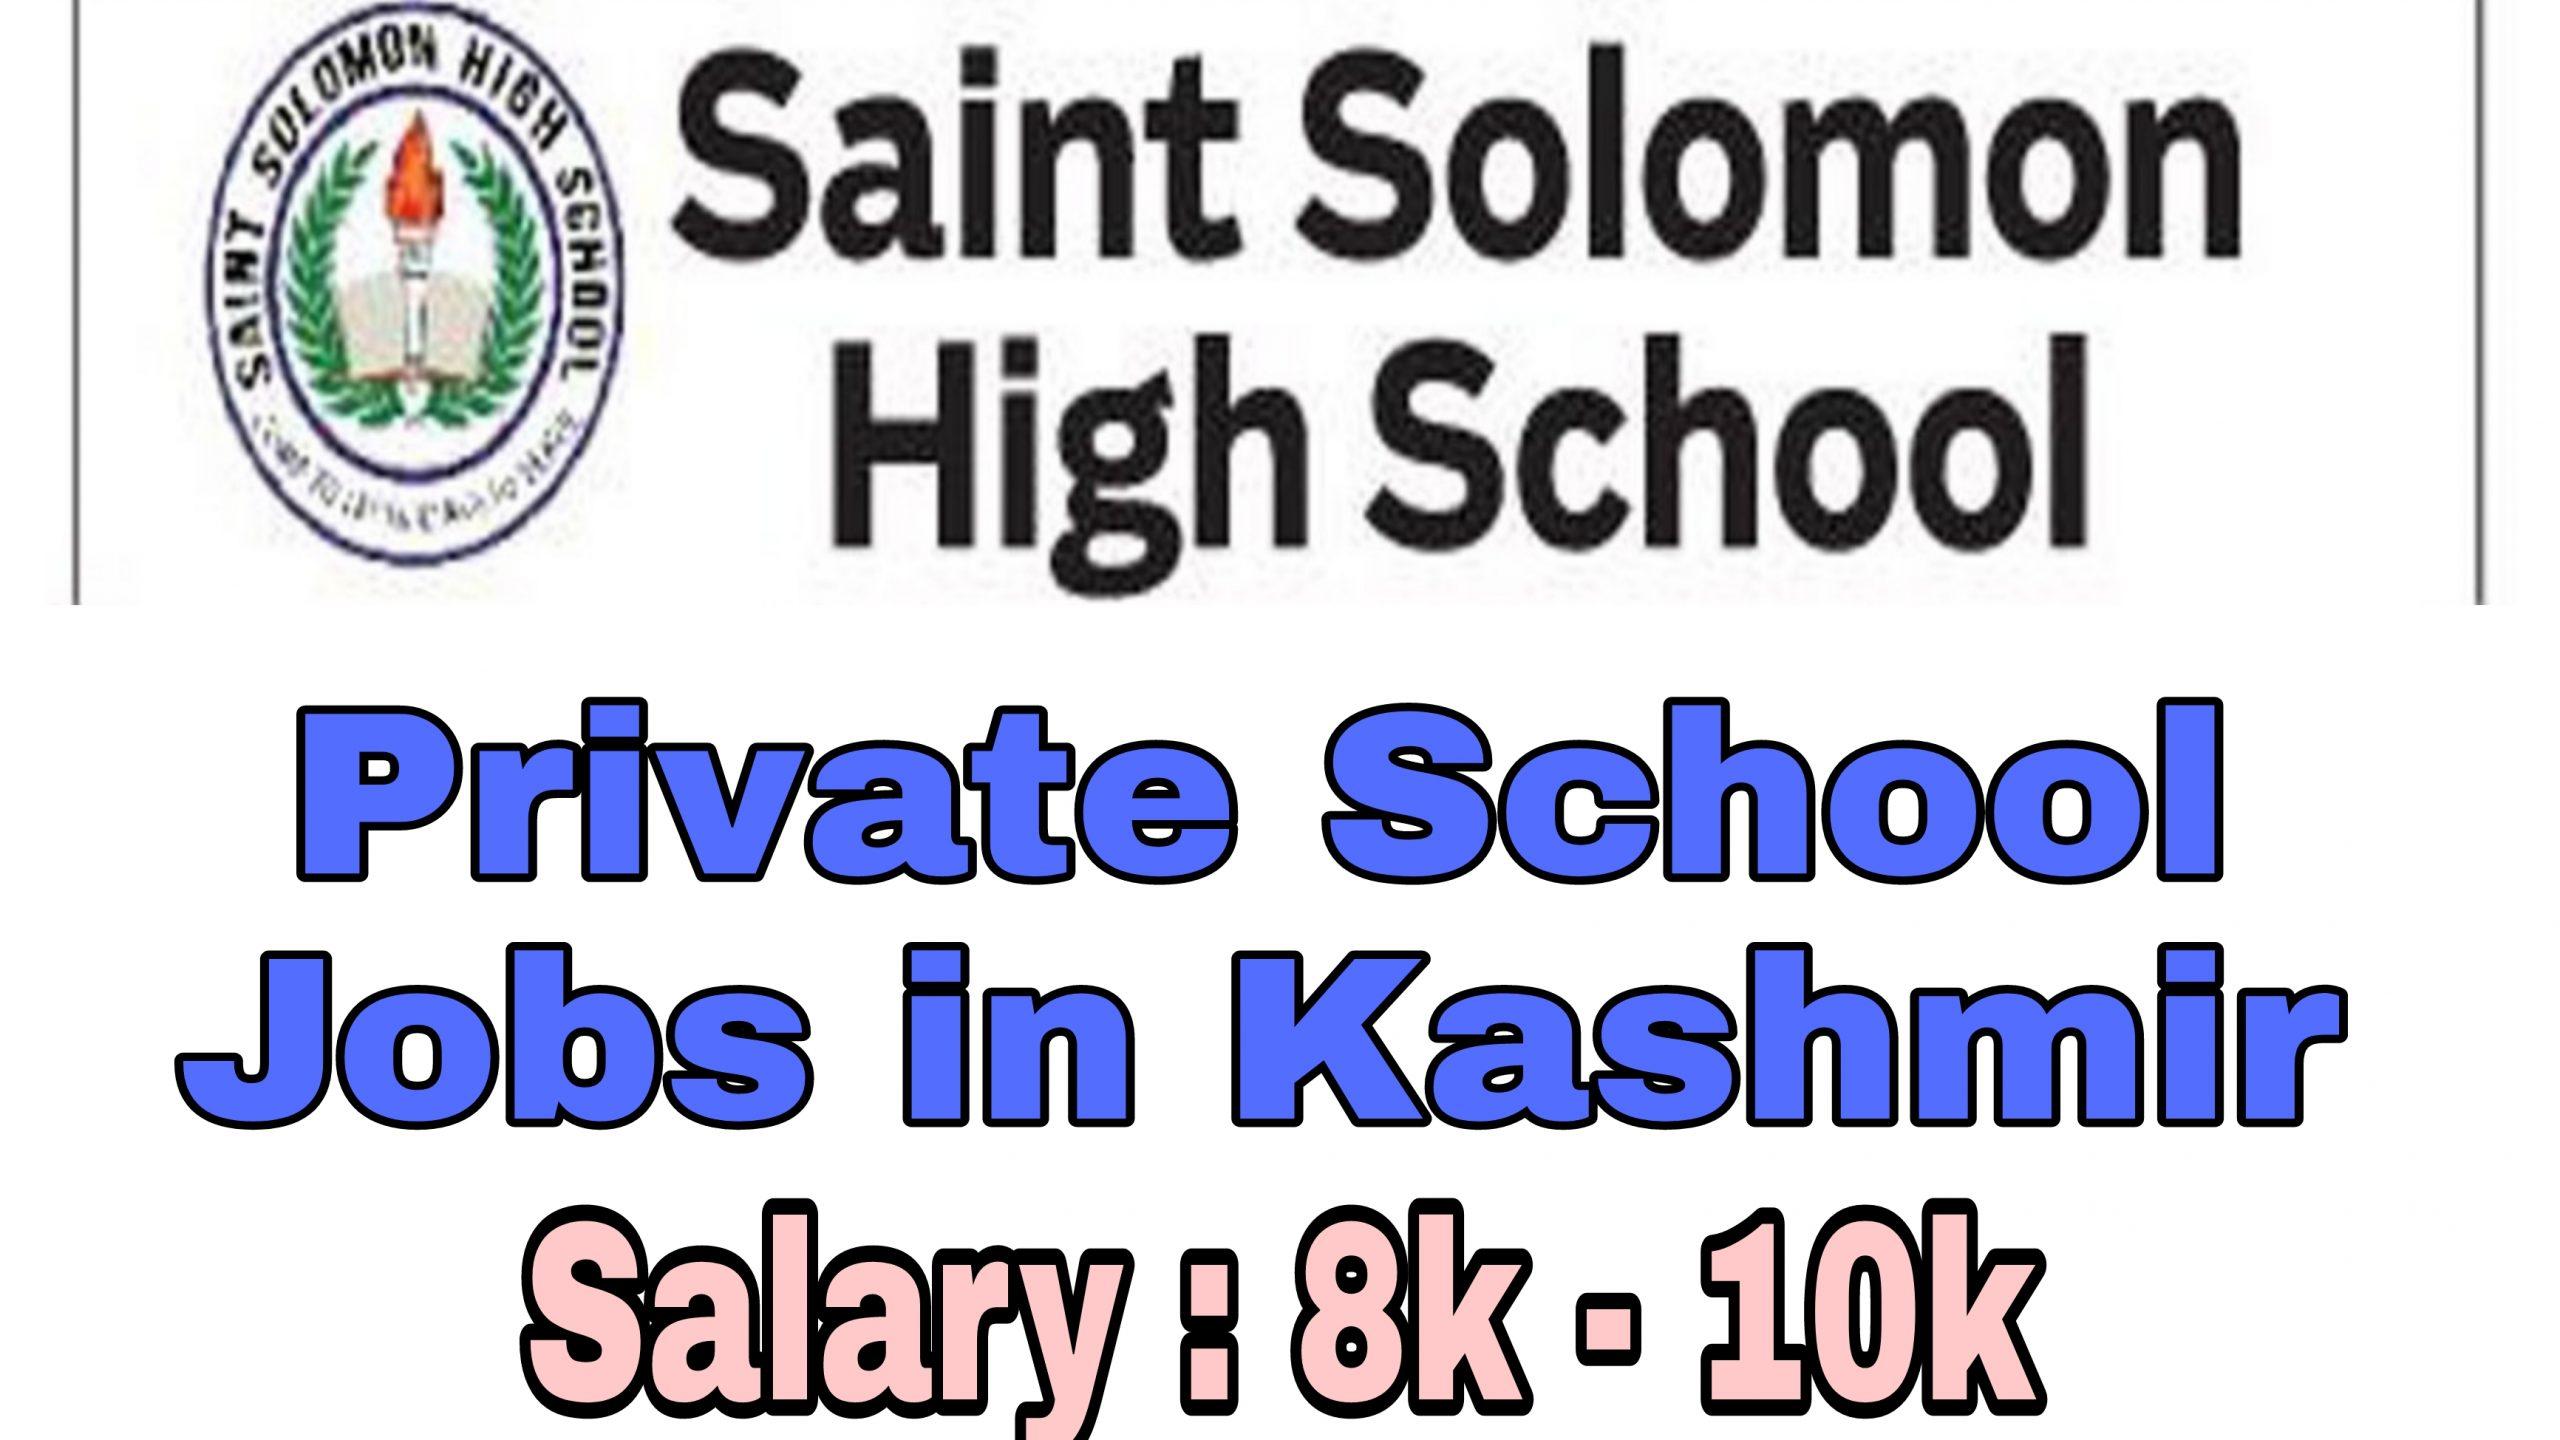 saint solomon high school Elahi Bagh Soura Jobs Teaching Private